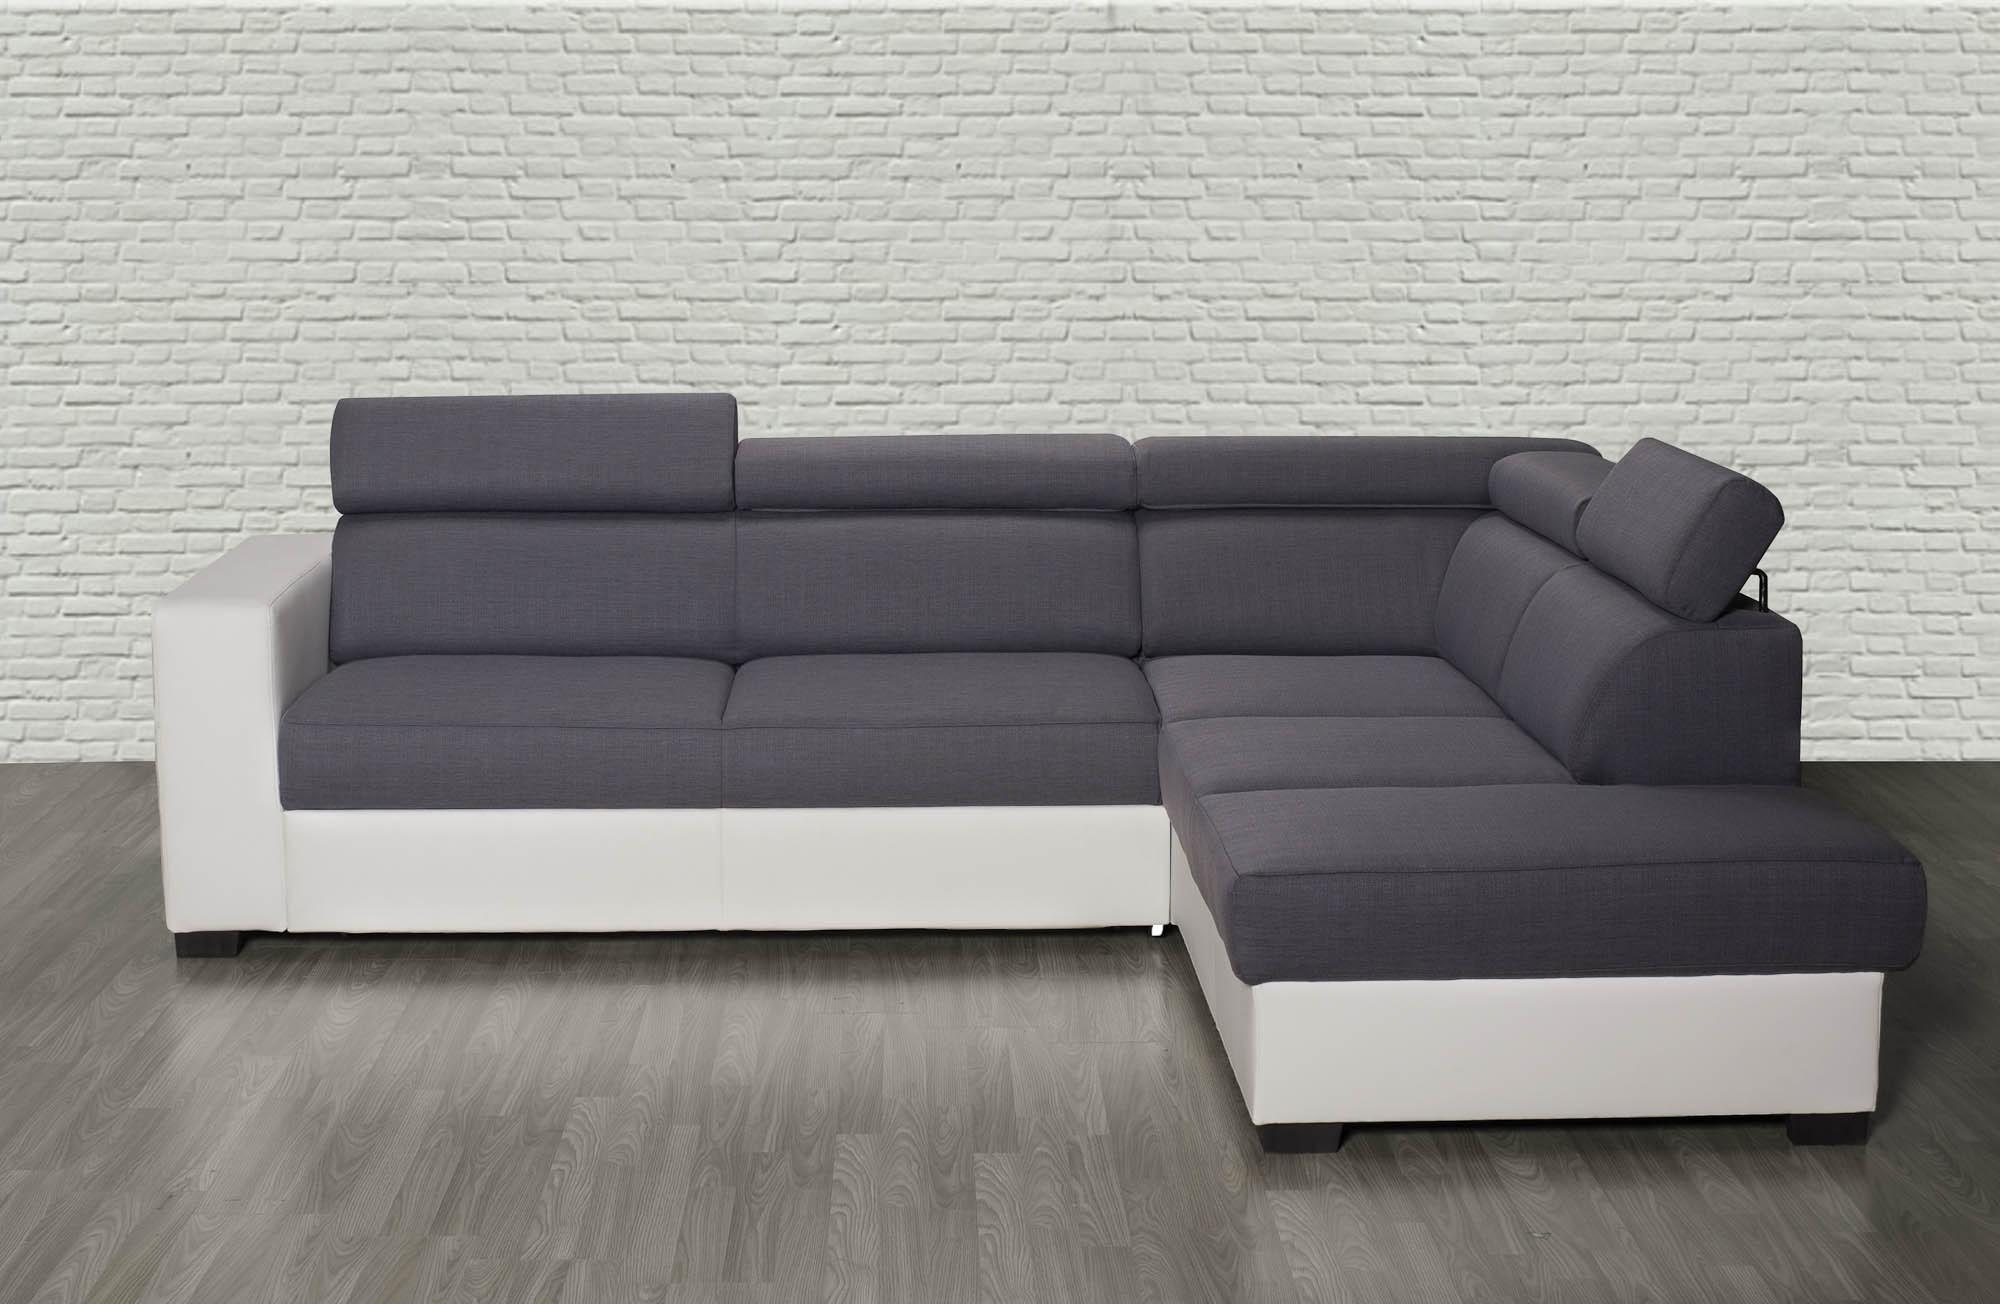 Canapé d angle droit Auxane convertible avec têtières gris